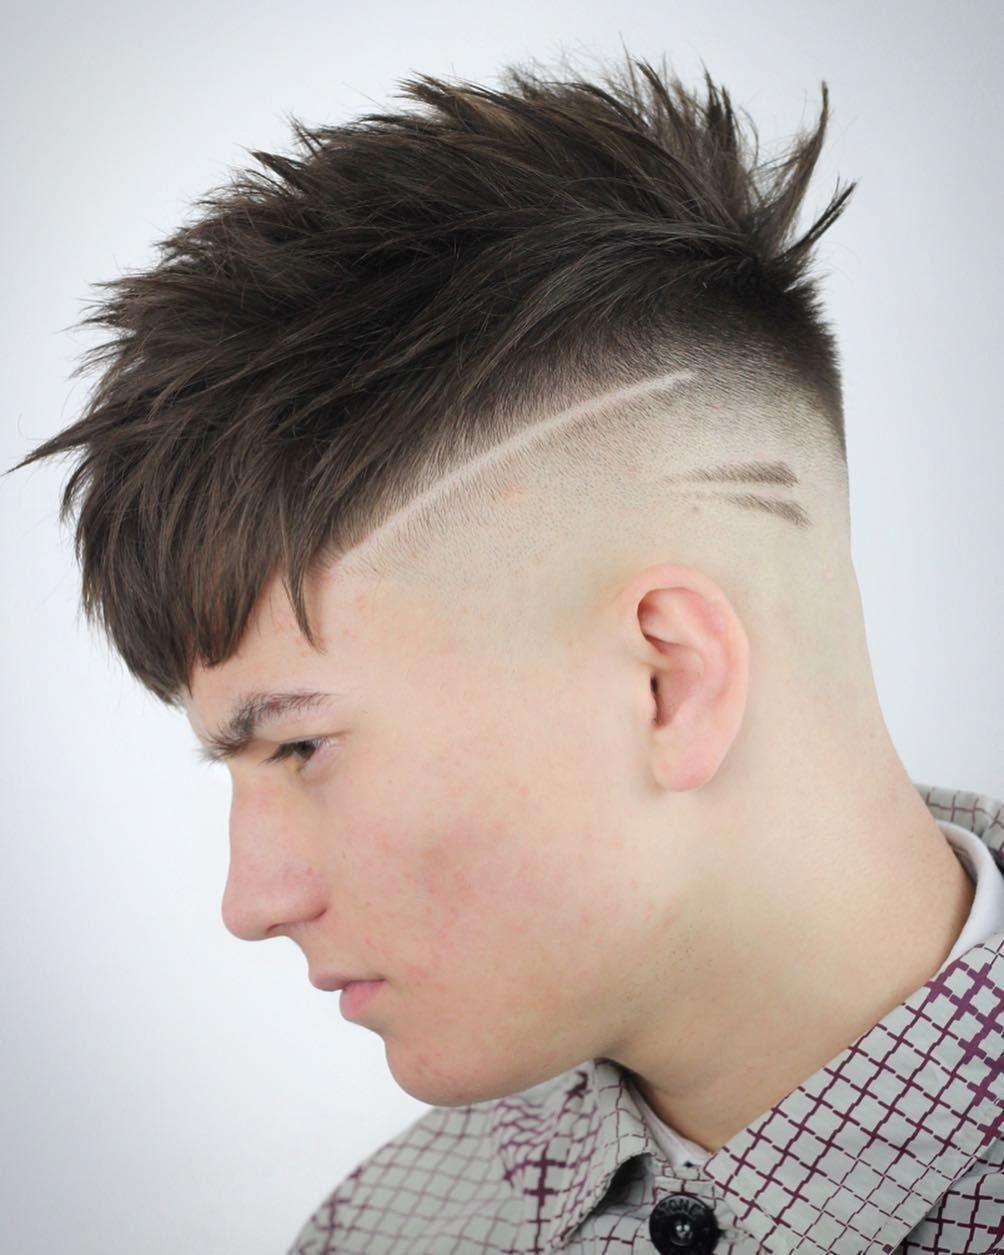 Mens haircuts menshaircutideas menus hair styles en